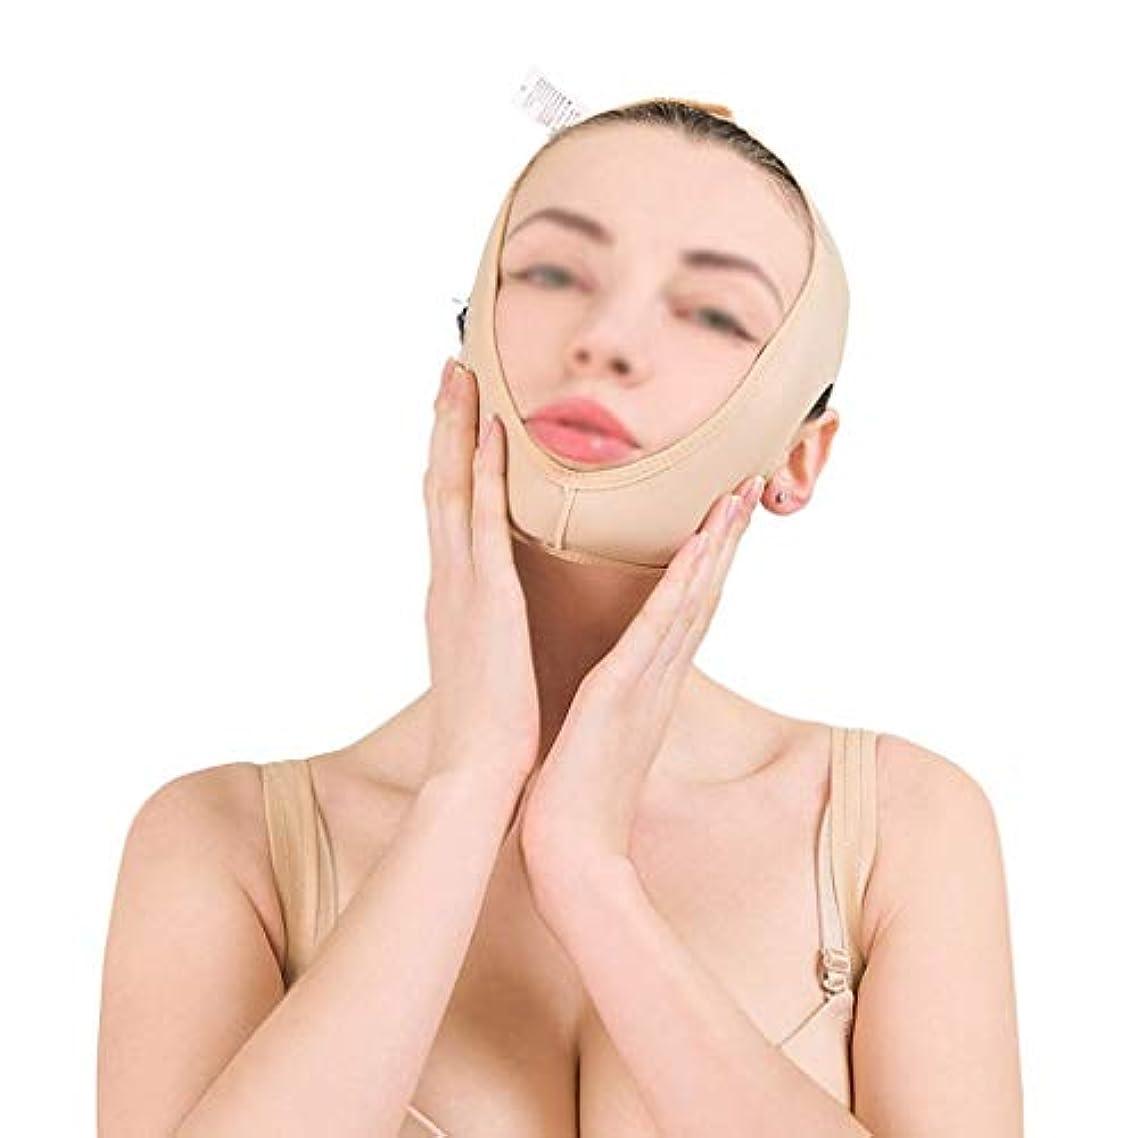 男やもめ風景びっくりするマスク減量、肌の包帯を引き締めるリフティングフェイスバンド、フェイスリフティング、ダブルチンビューティバンデージ、フェイスリフト(サイズ:L),S